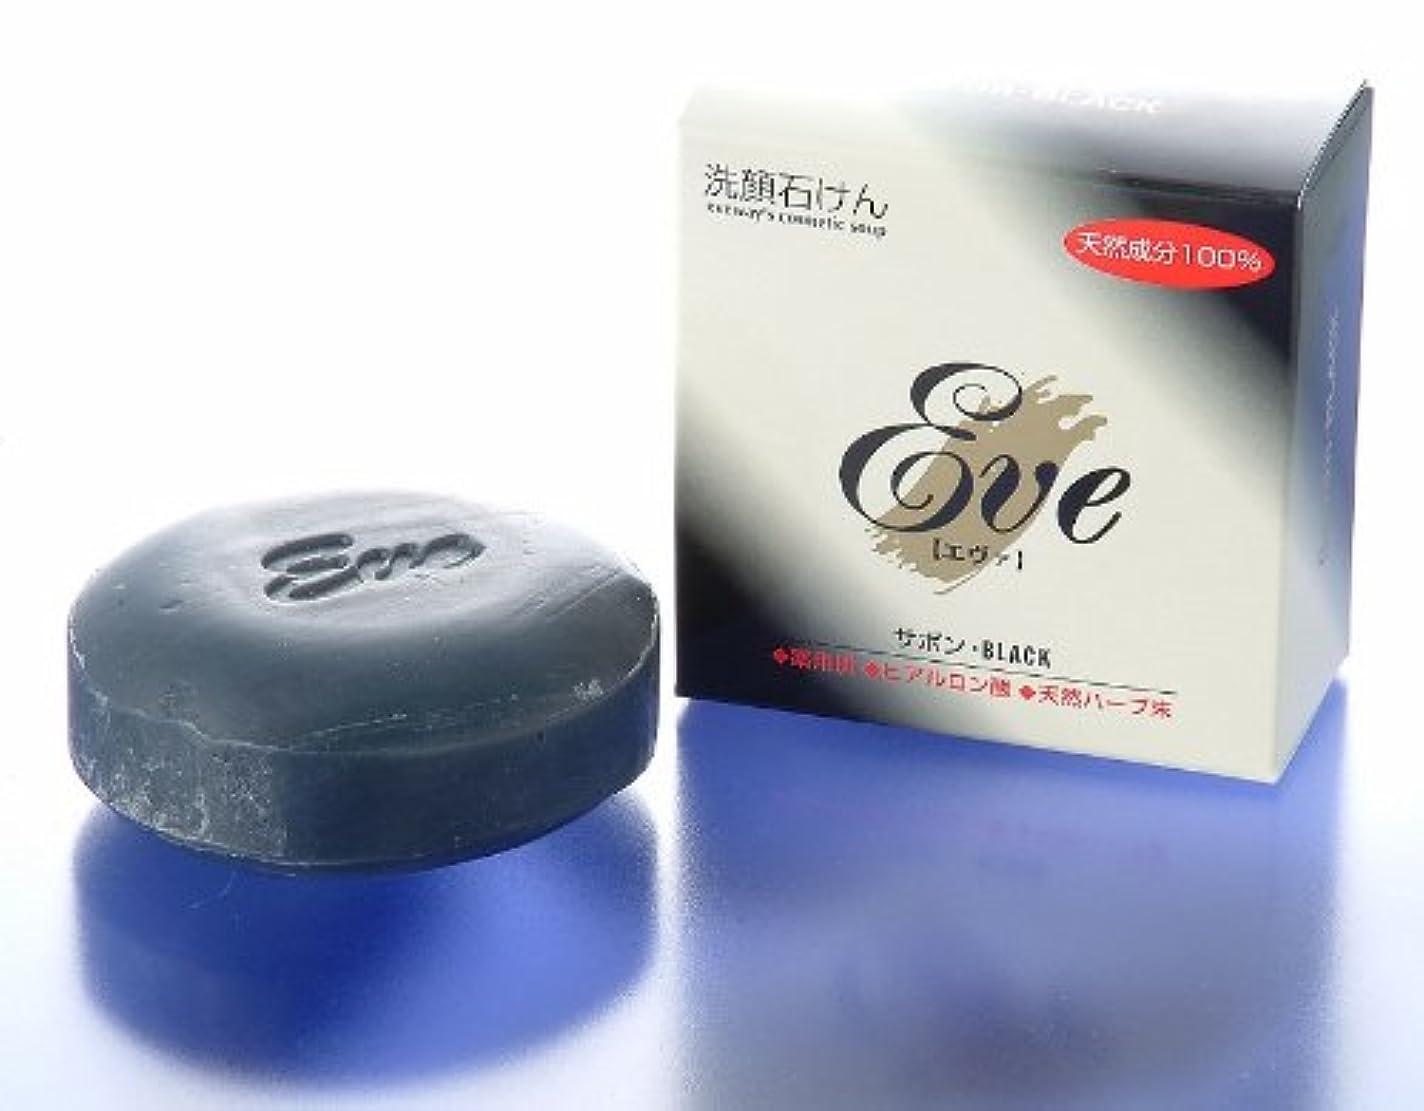 魅力的であることへのアピール仲介者和らげる洗顔 化粧石鹸 サボンブラック クレンジングの要らない石鹸です。